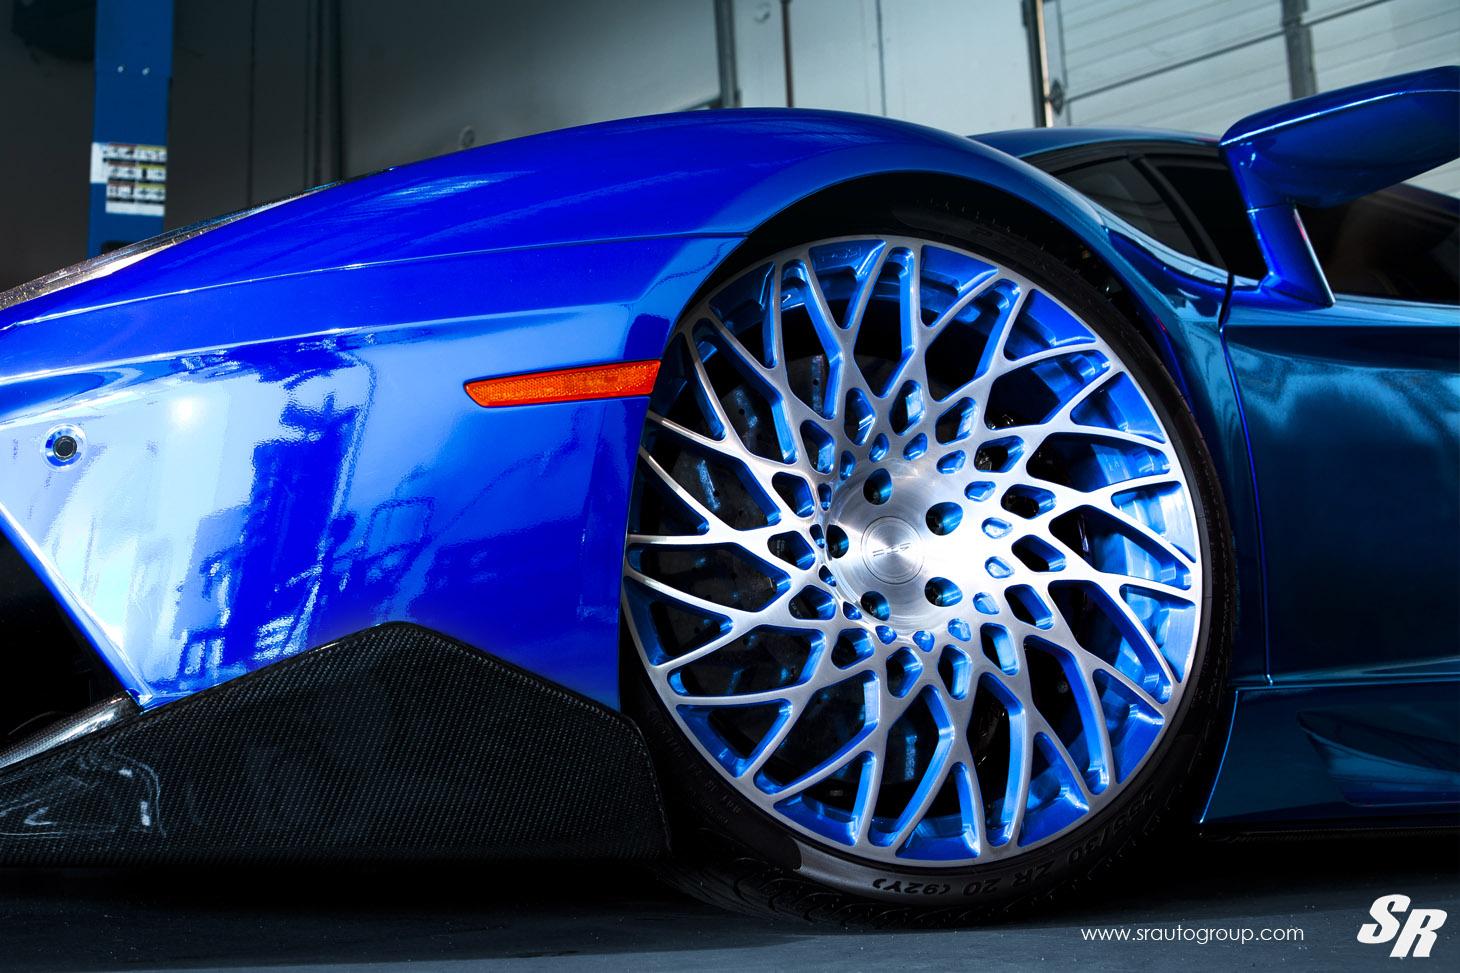 картинки машины крутые колеса это фотошоп